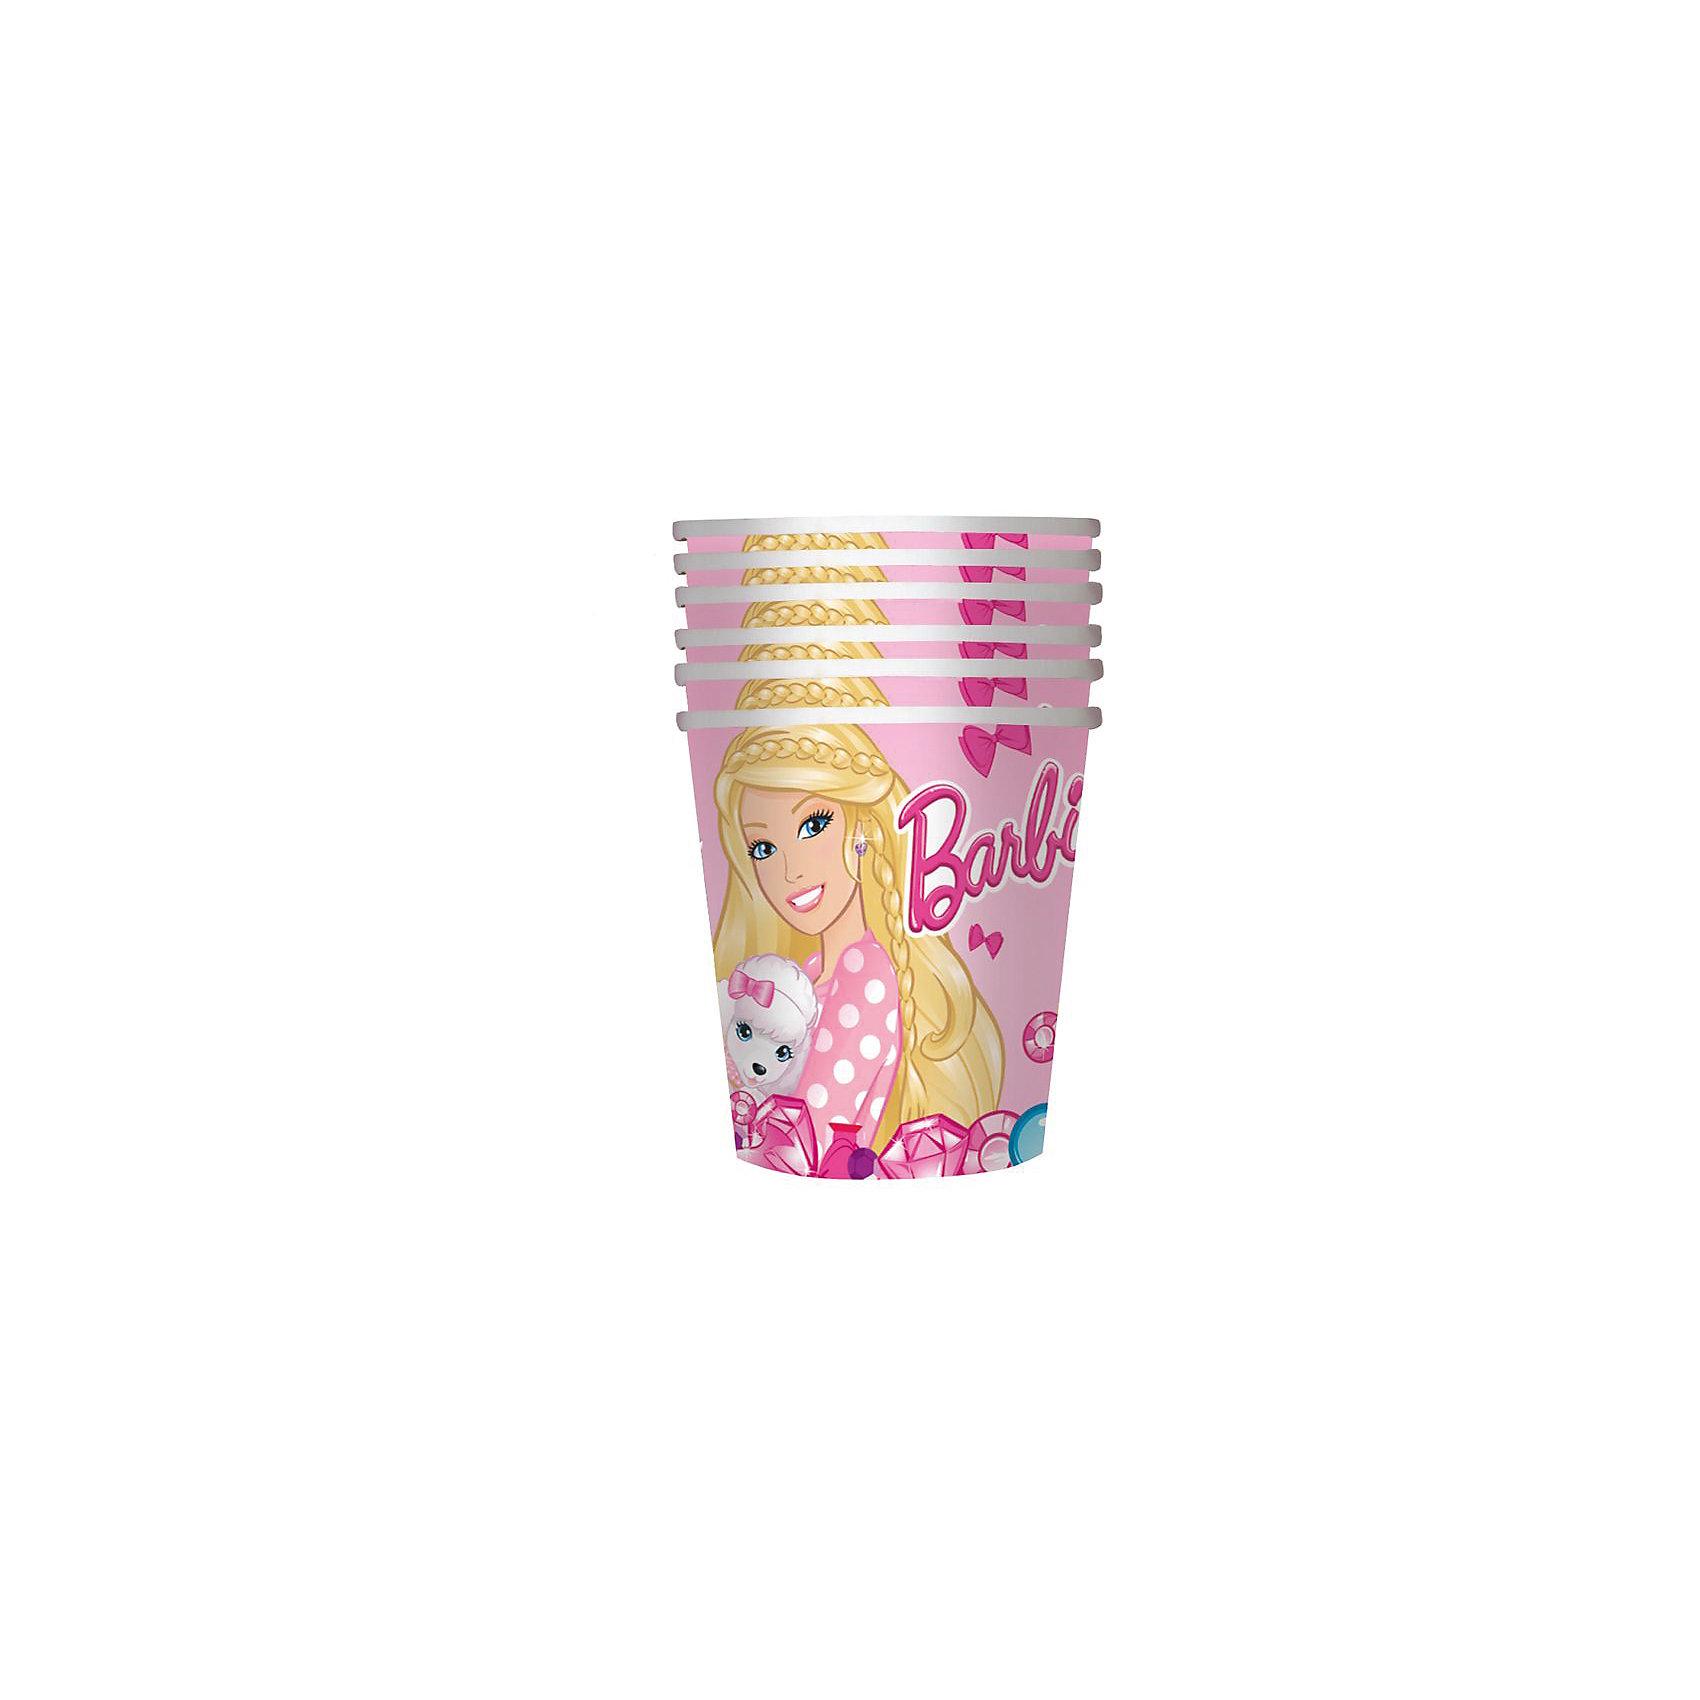 Стакан 210мл, 6шт БарбиУдобные и практичные стаканы «Барби» со стильным дизайном созданы специально для детского праздника: они ярко украсят стол и привлекут внимание всех участников торжества. Одноразовые бумажные стаканы прекрасно удерживают напитки, почти невесомы, не могут разбиться, их не надо мыть.&#13;<br>В наборе 6 бумажных стаканов объемом 210 мл, декорированных привлекательным принтом. Вы также можете выбрать другие товары из данной серии: тарелки, салфетки, язычки, колпаки, подарочный набор посуды, приглашение в конверте, скатерть, маски, подарочные пакеты и др.<br><br>Ширина мм: 75<br>Глубина мм: 75<br>Высота мм: 107<br>Вес г: 30<br>Возраст от месяцев: 36<br>Возраст до месяцев: 108<br>Пол: Унисекс<br>Возраст: Детский<br>SKU: 5016416